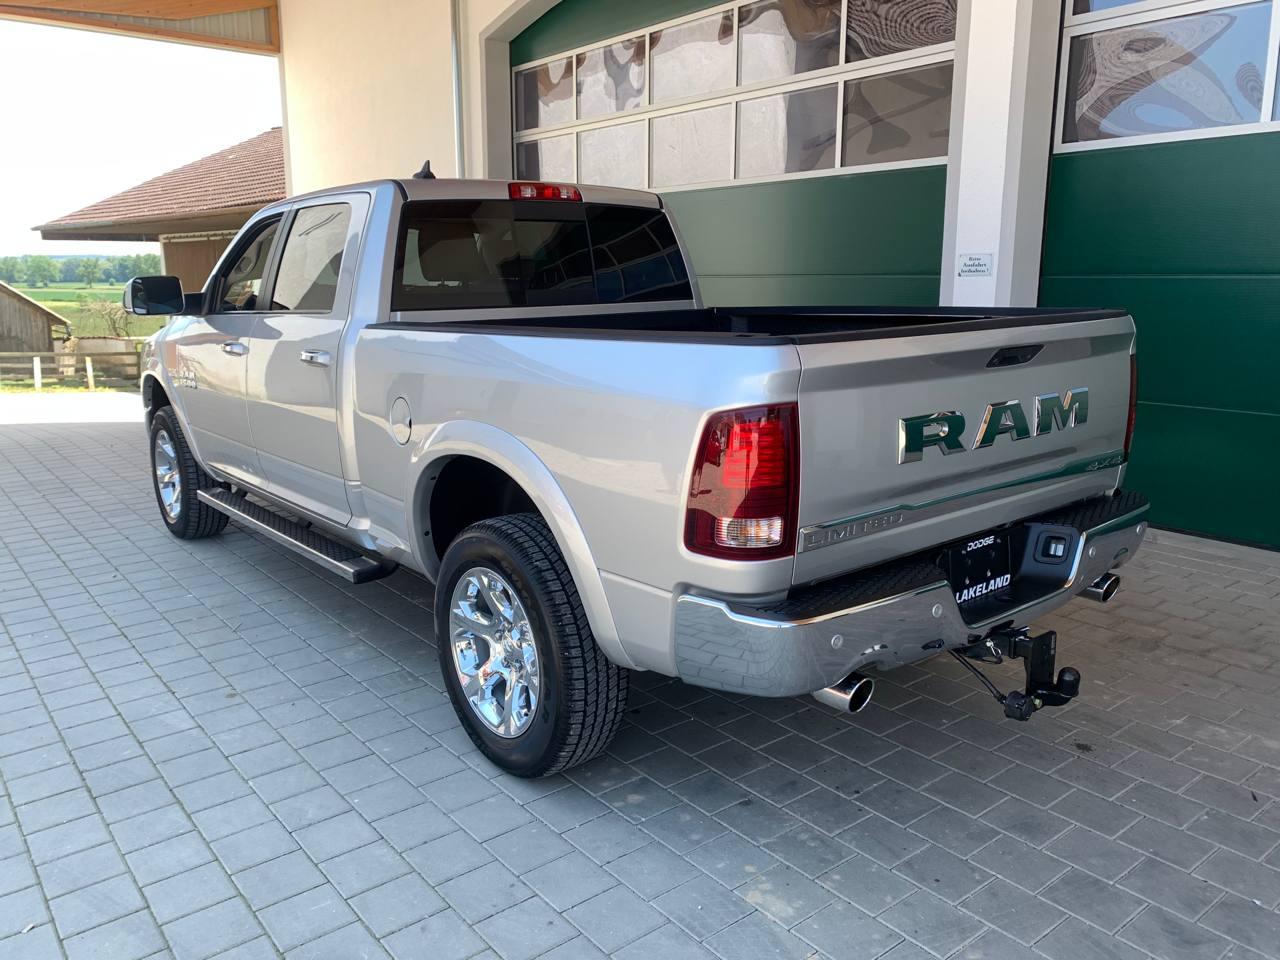 2017 Dodge Ram 1500 Laramie gebraucht kaufen